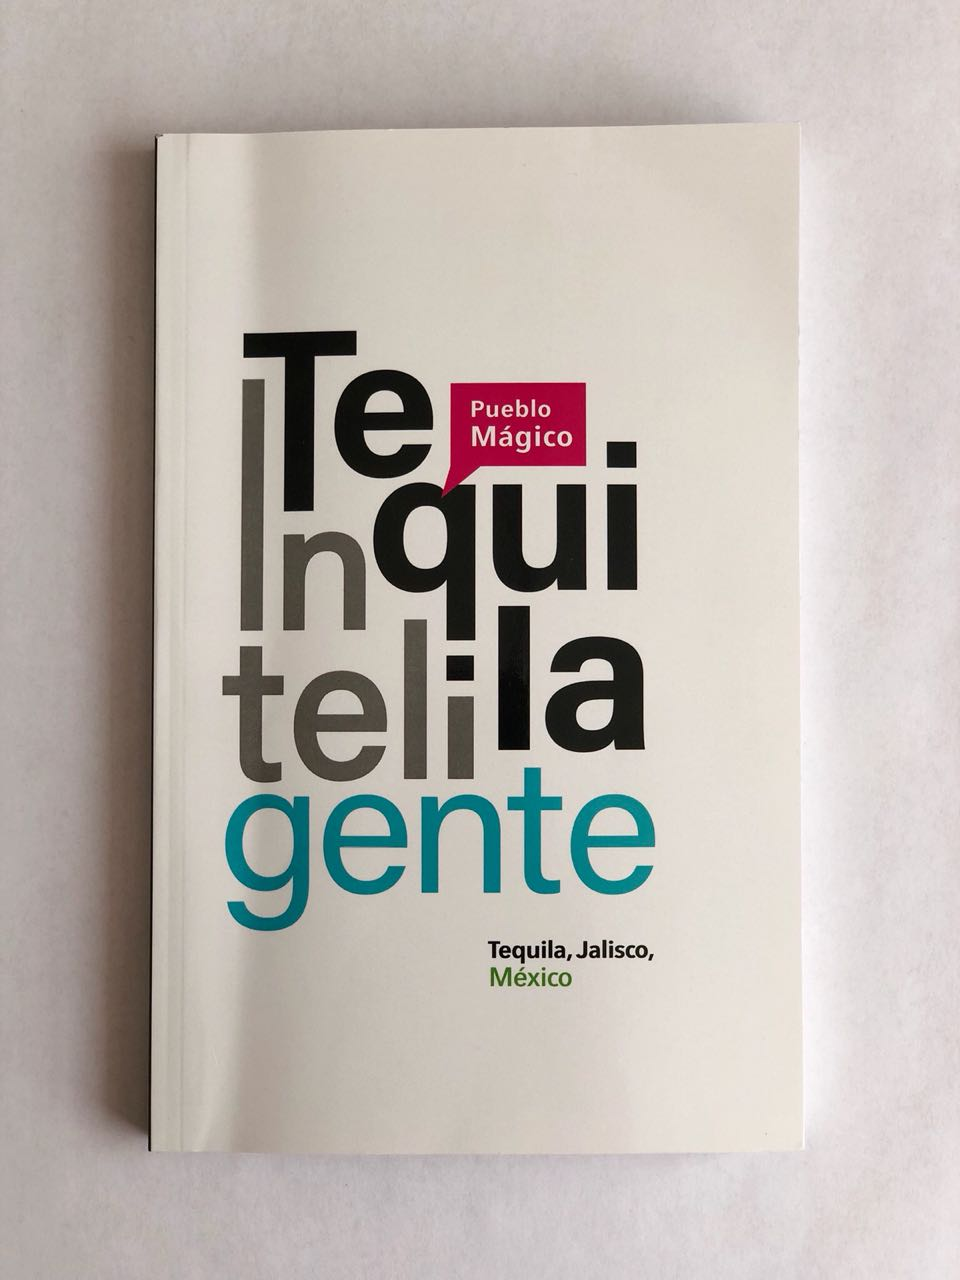 Libro Tequila inteligente Pueblo Mágico.jpeg